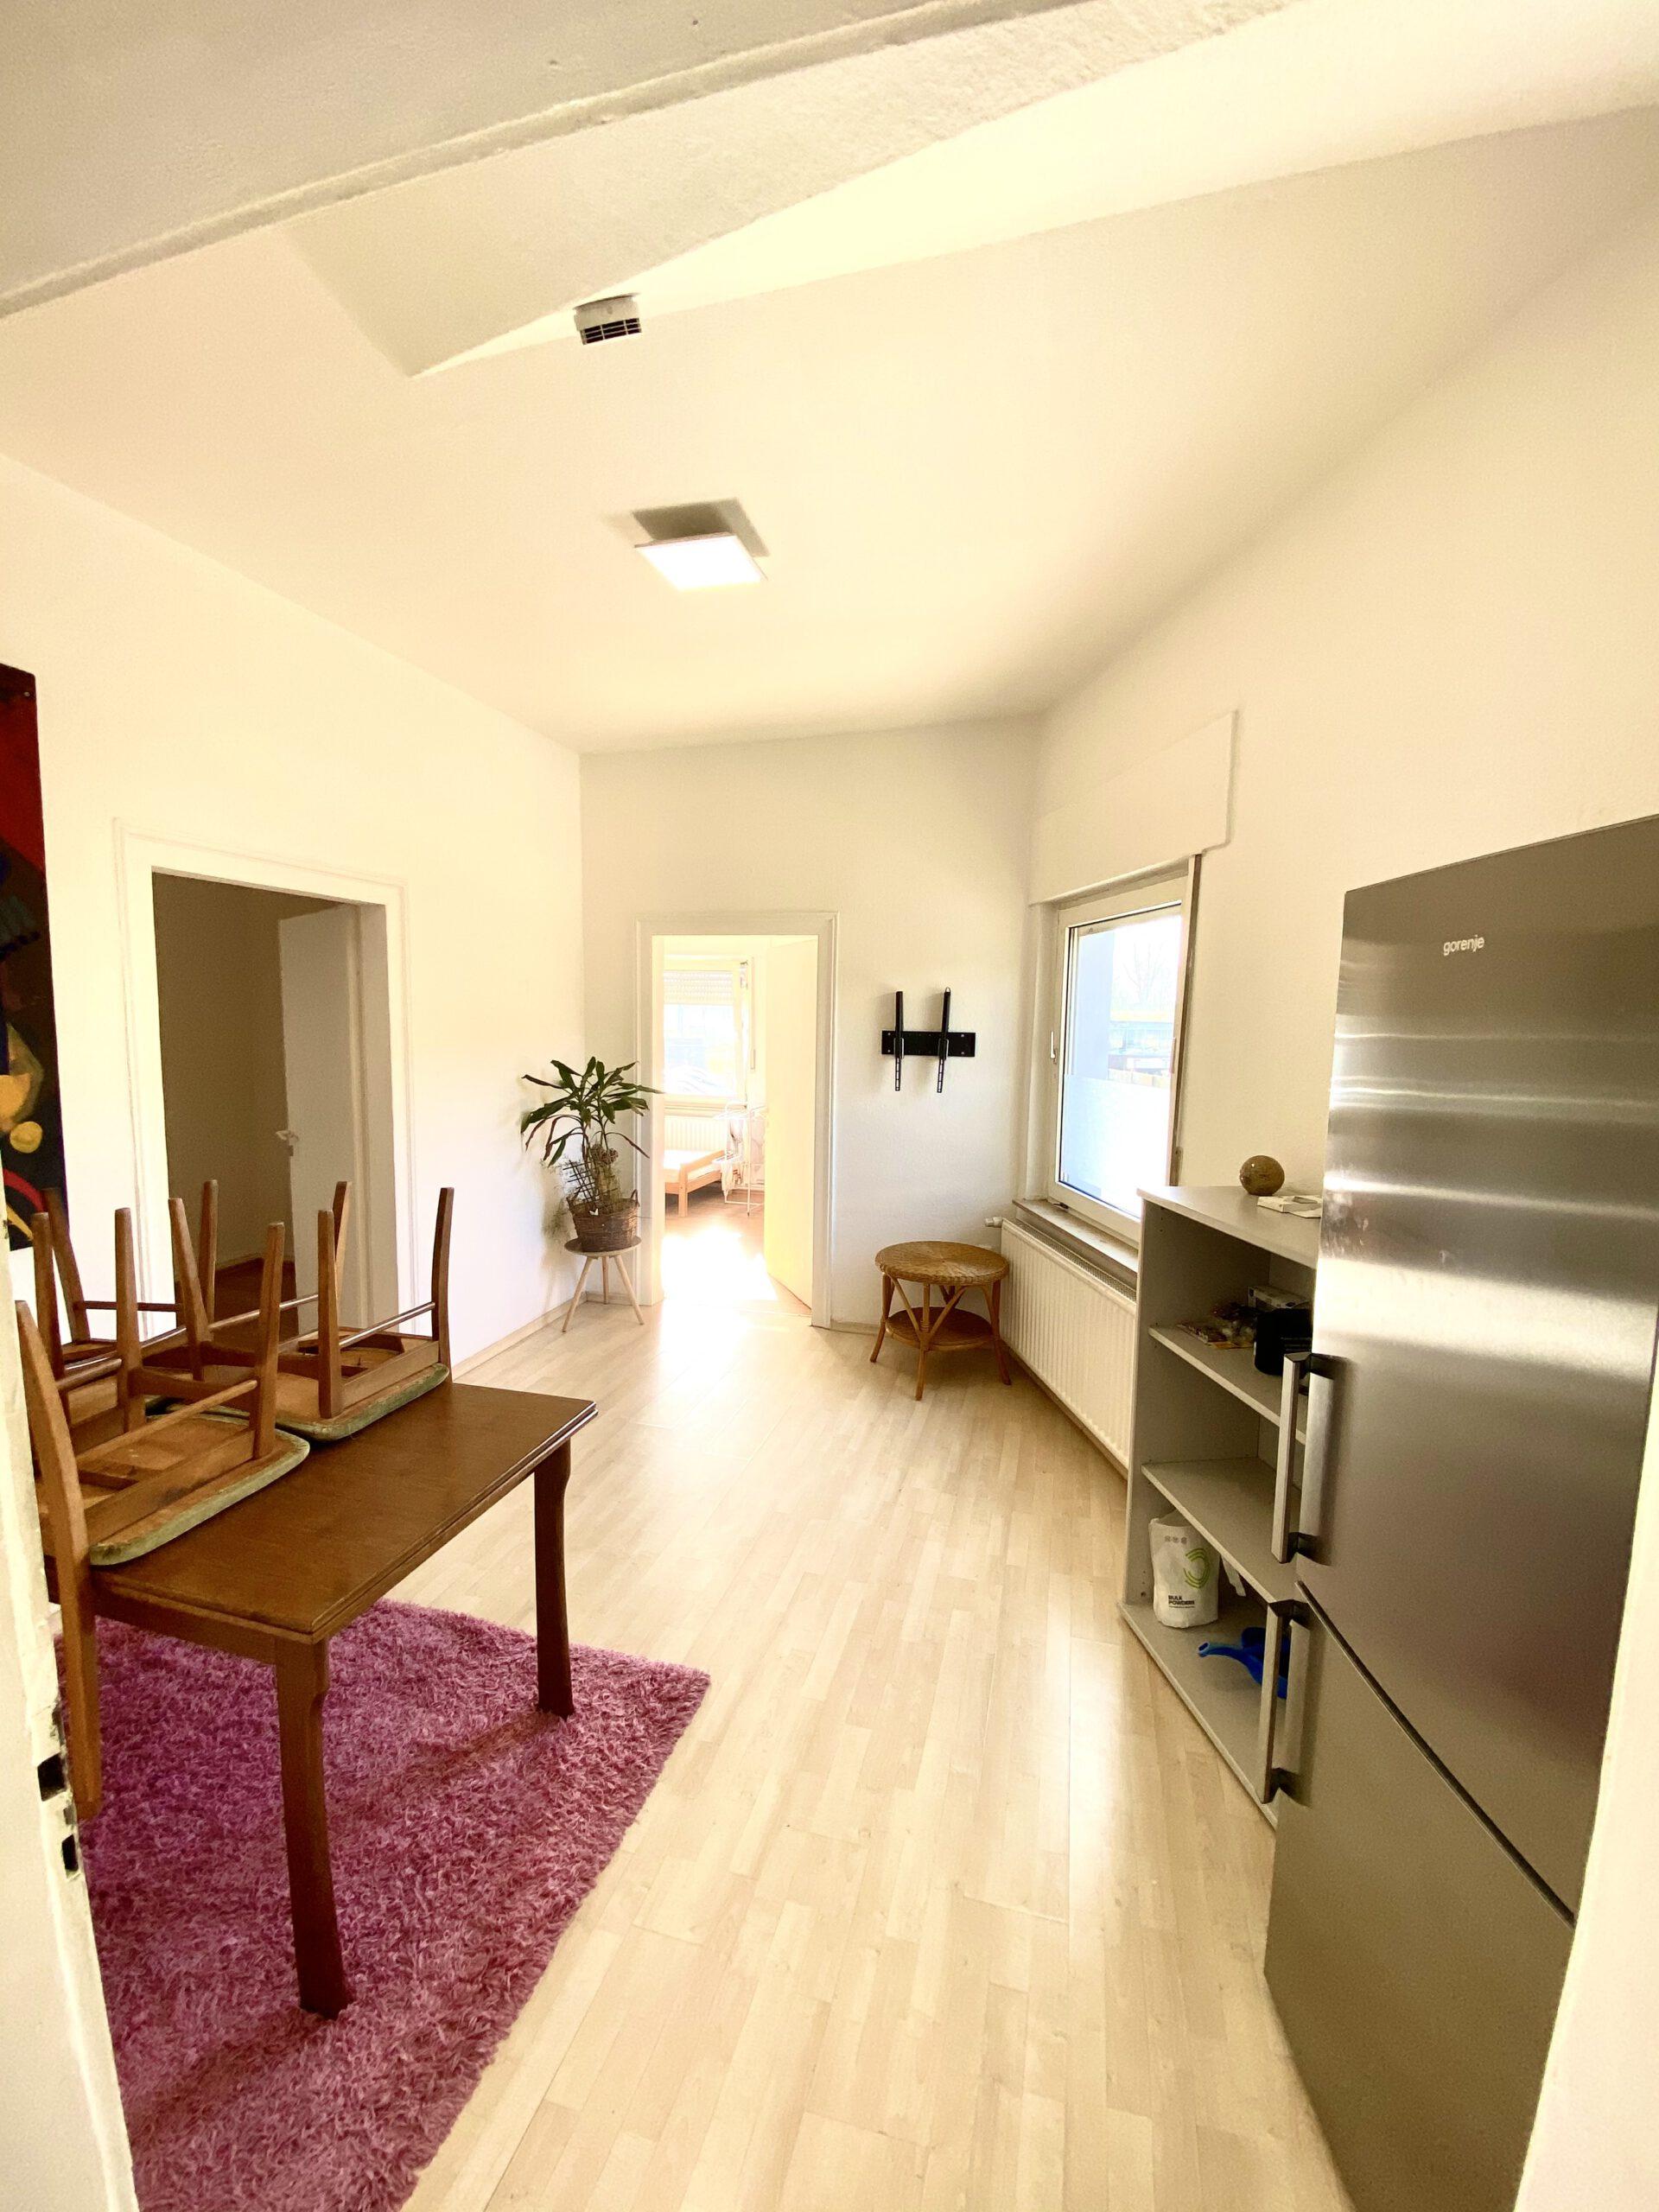 Eigentumswohnung Herford Wohnzimmer